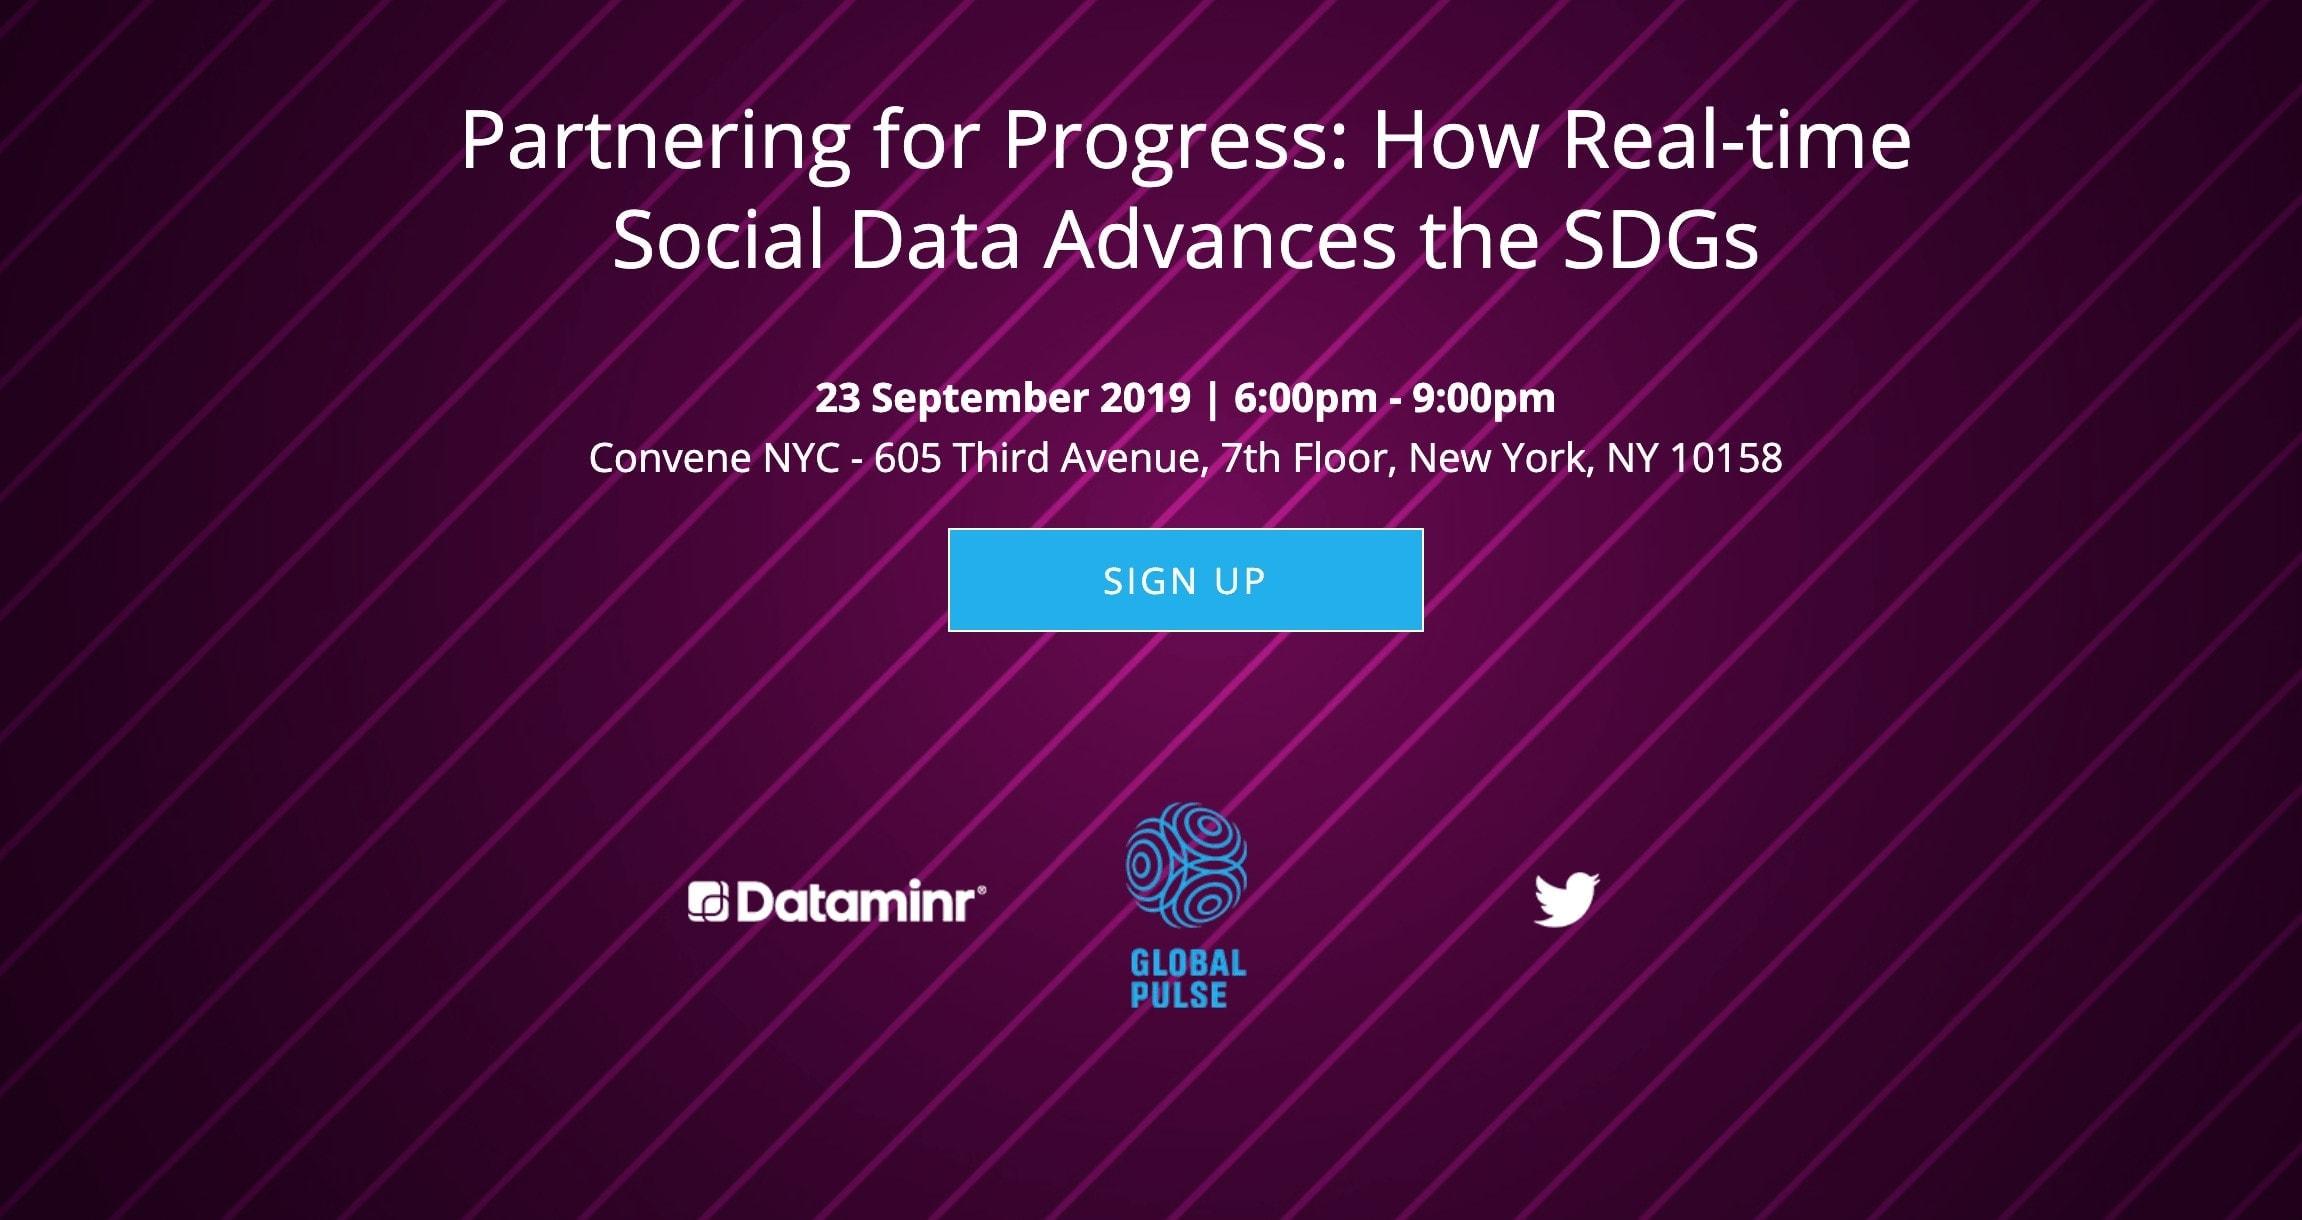 Partnering for progress flyer 2019